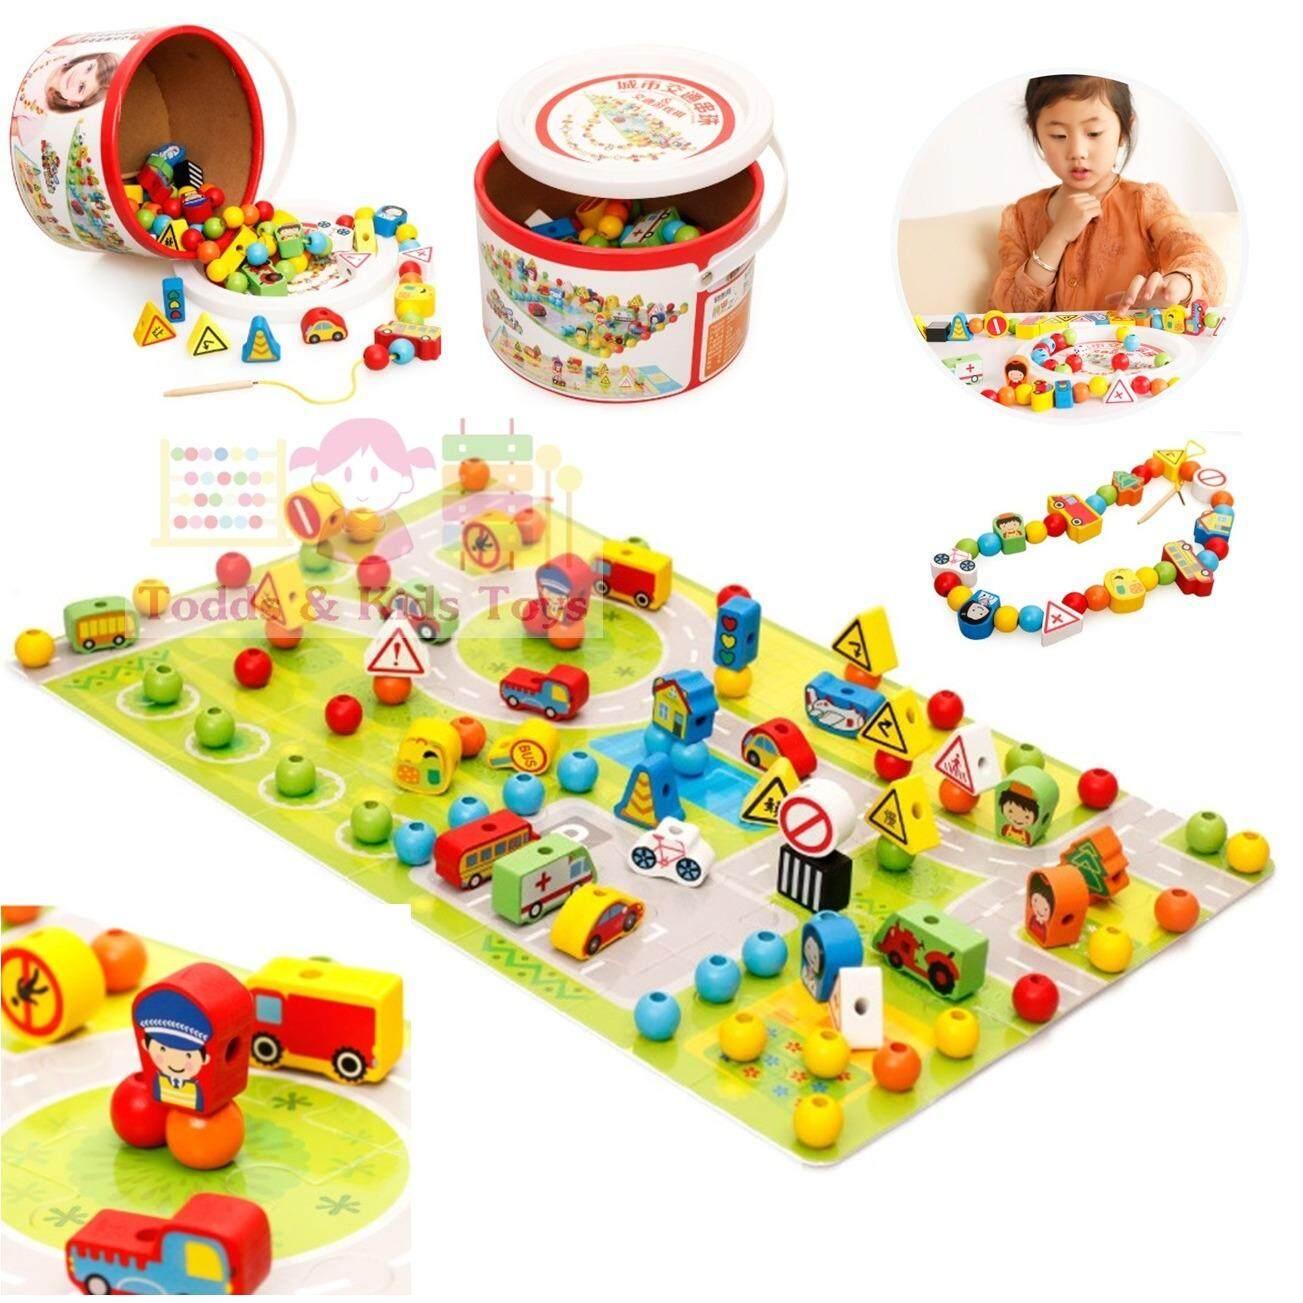 Todds Kids Toys ของเล่นเสริมพัฒนาการ ร้อยเชือกไม้สร้างเมือง 80 ชิ้น Todds Kids Toys ถูก ใน กรุงเทพมหานคร